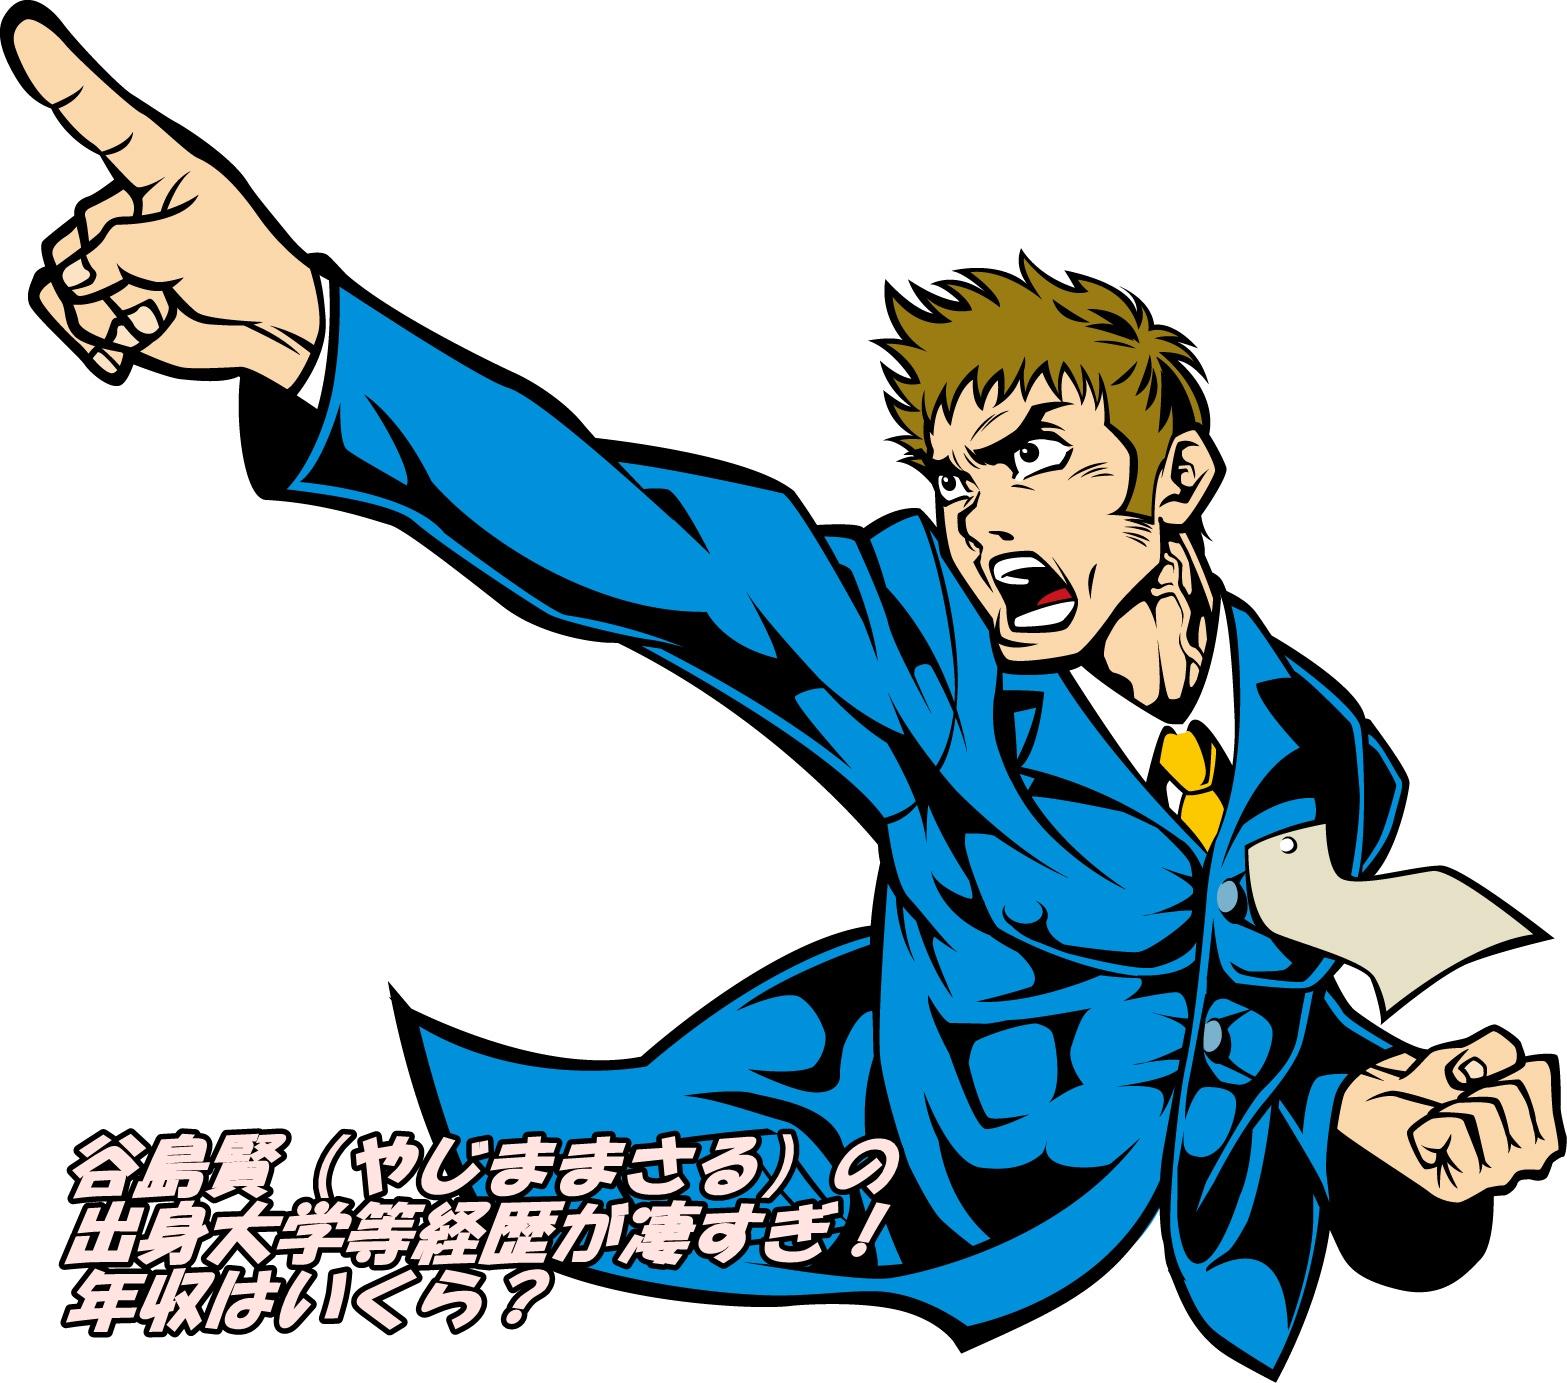 谷島賢(やじままさる)の出身大学等経歴が凄すぎ!年収はいくら?